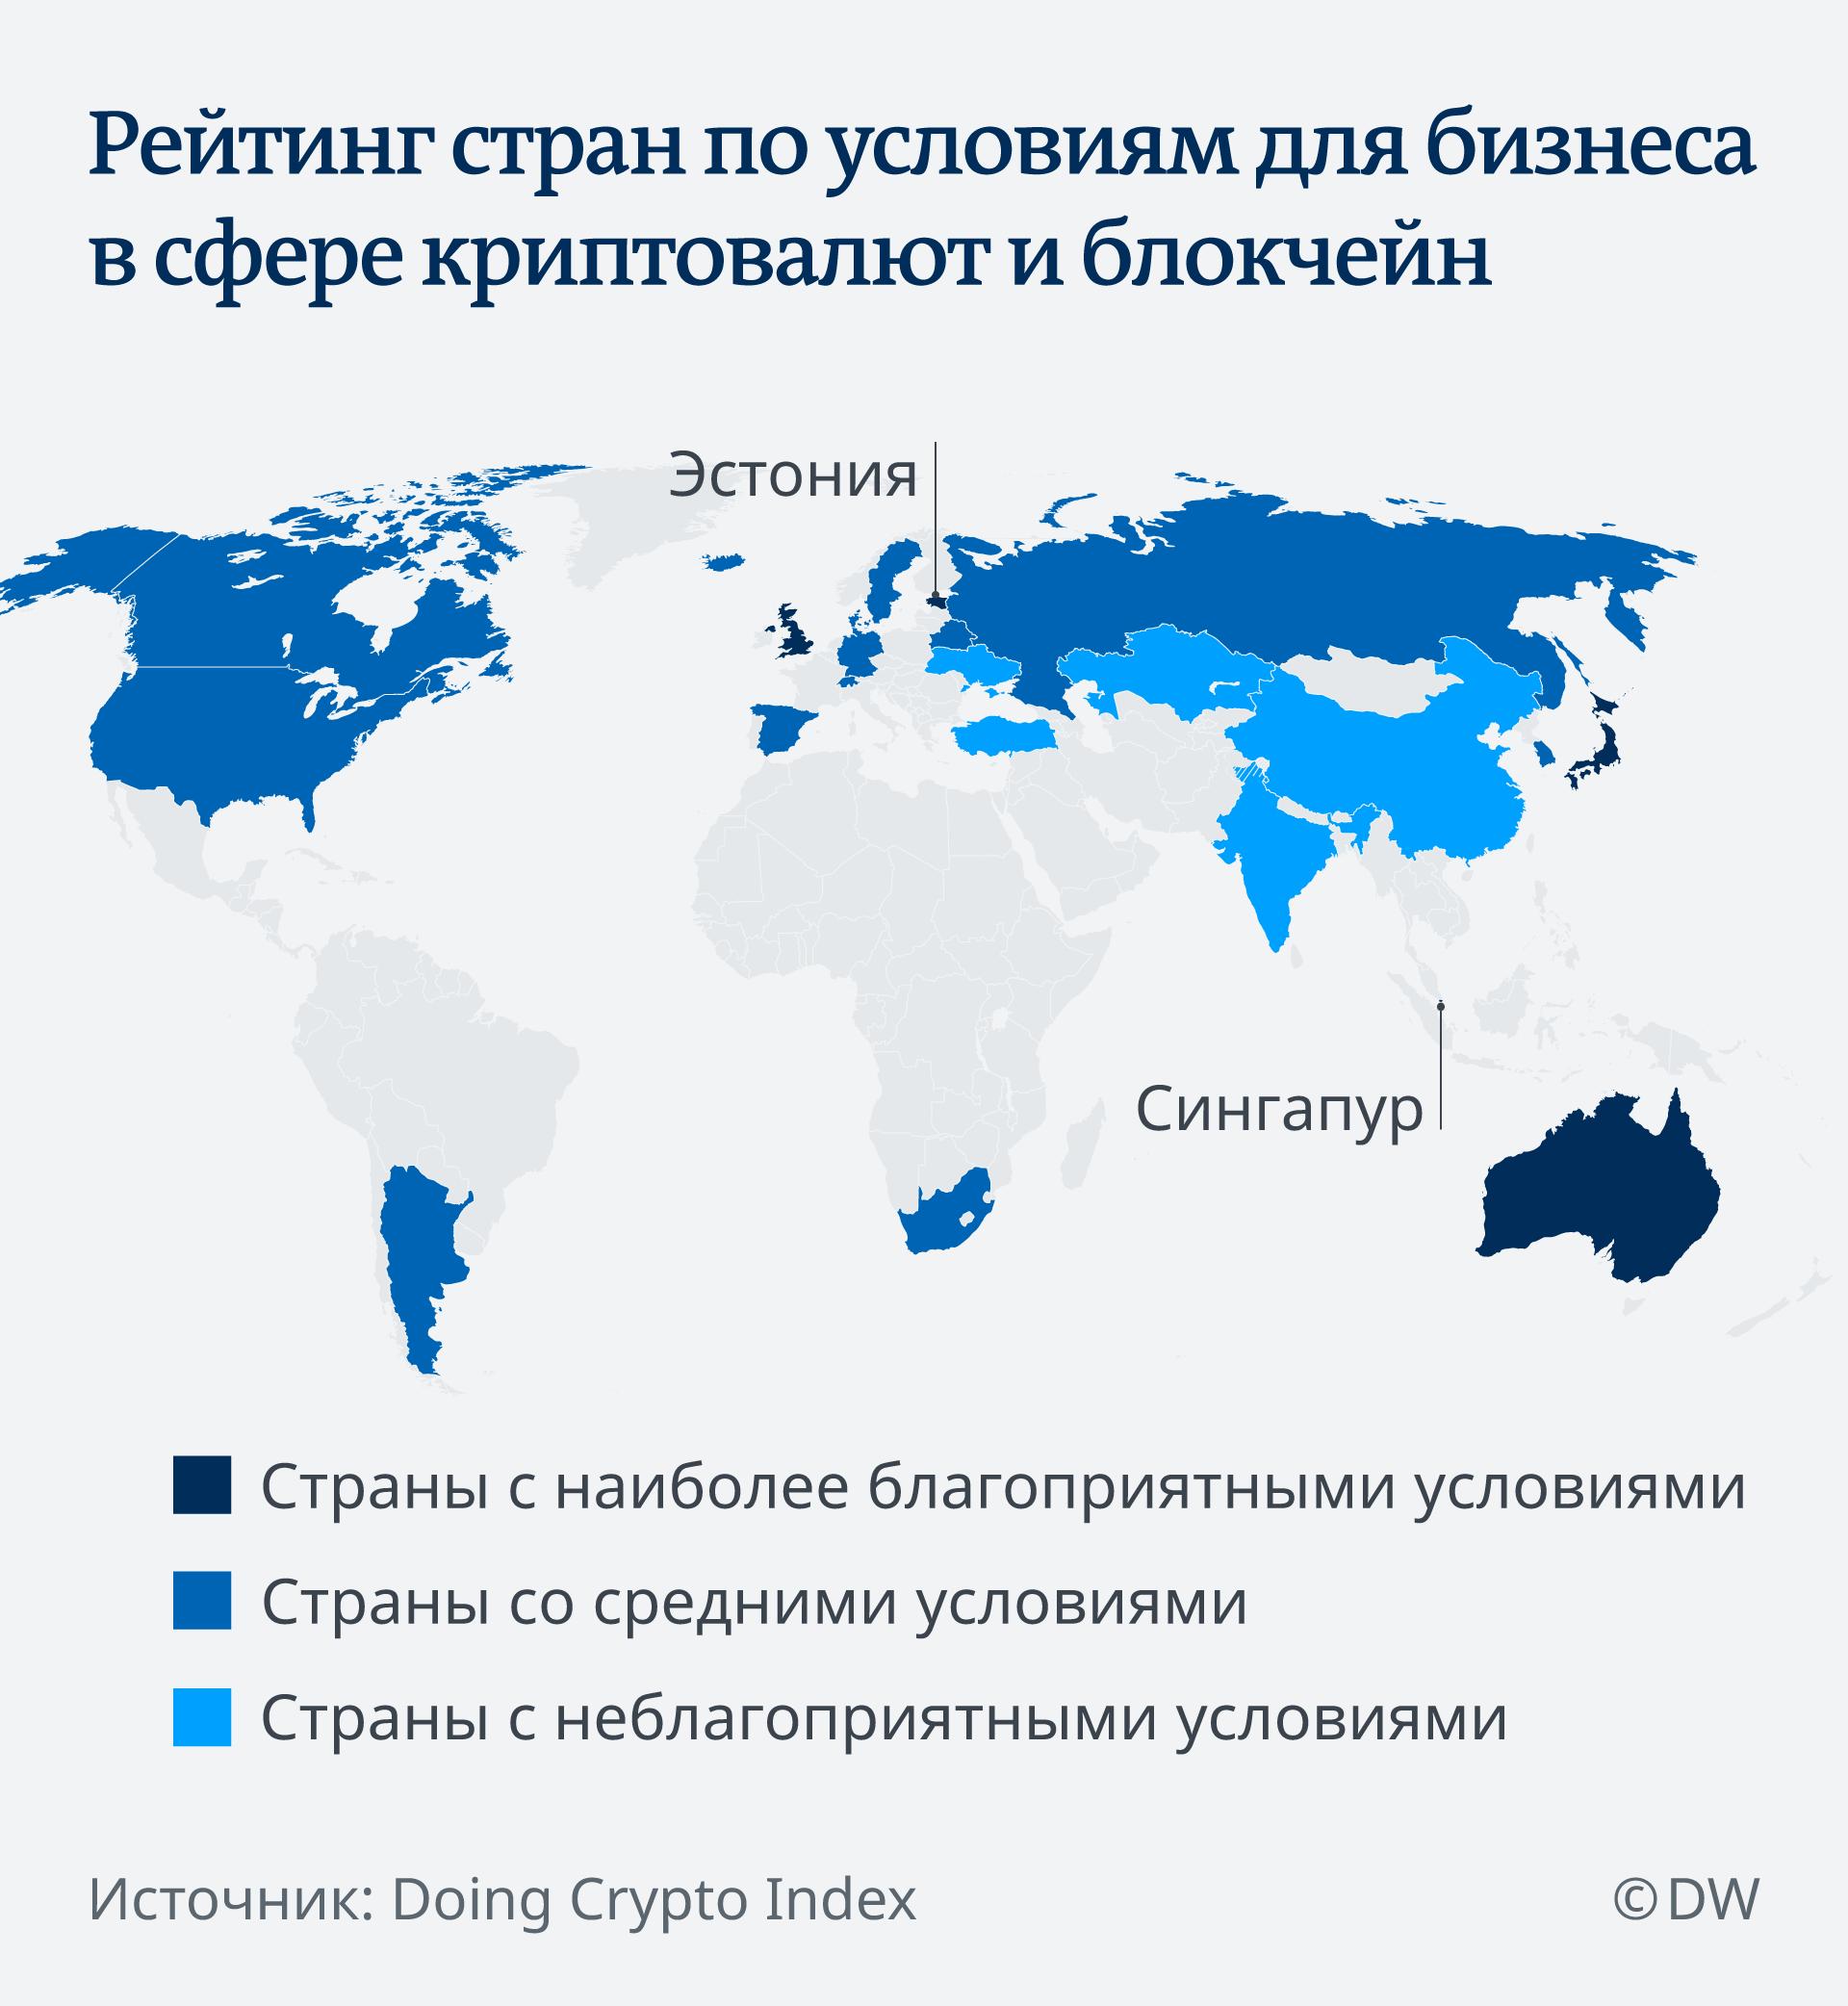 Инфографика, посвященная условиям для ведения криптобизнеса в разных странах